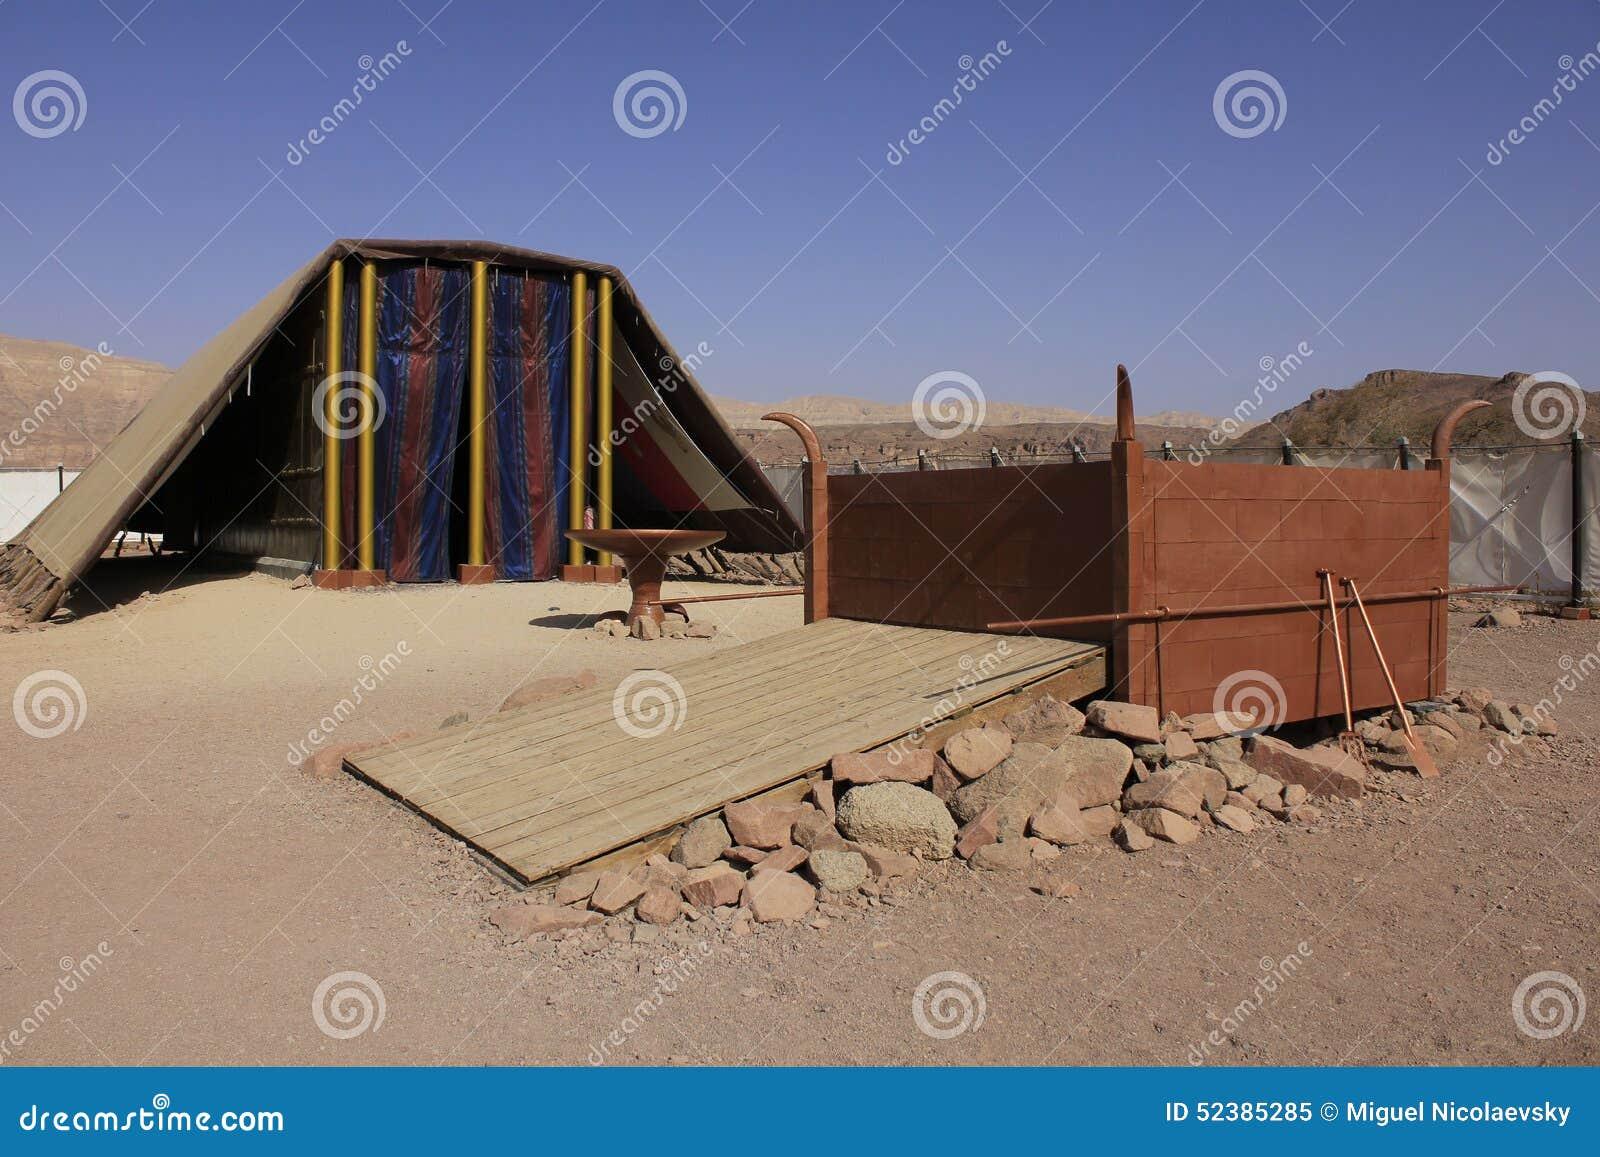 临时房屋的式样真正的大小在沙漠由以色列的人民builded在摩西指令下